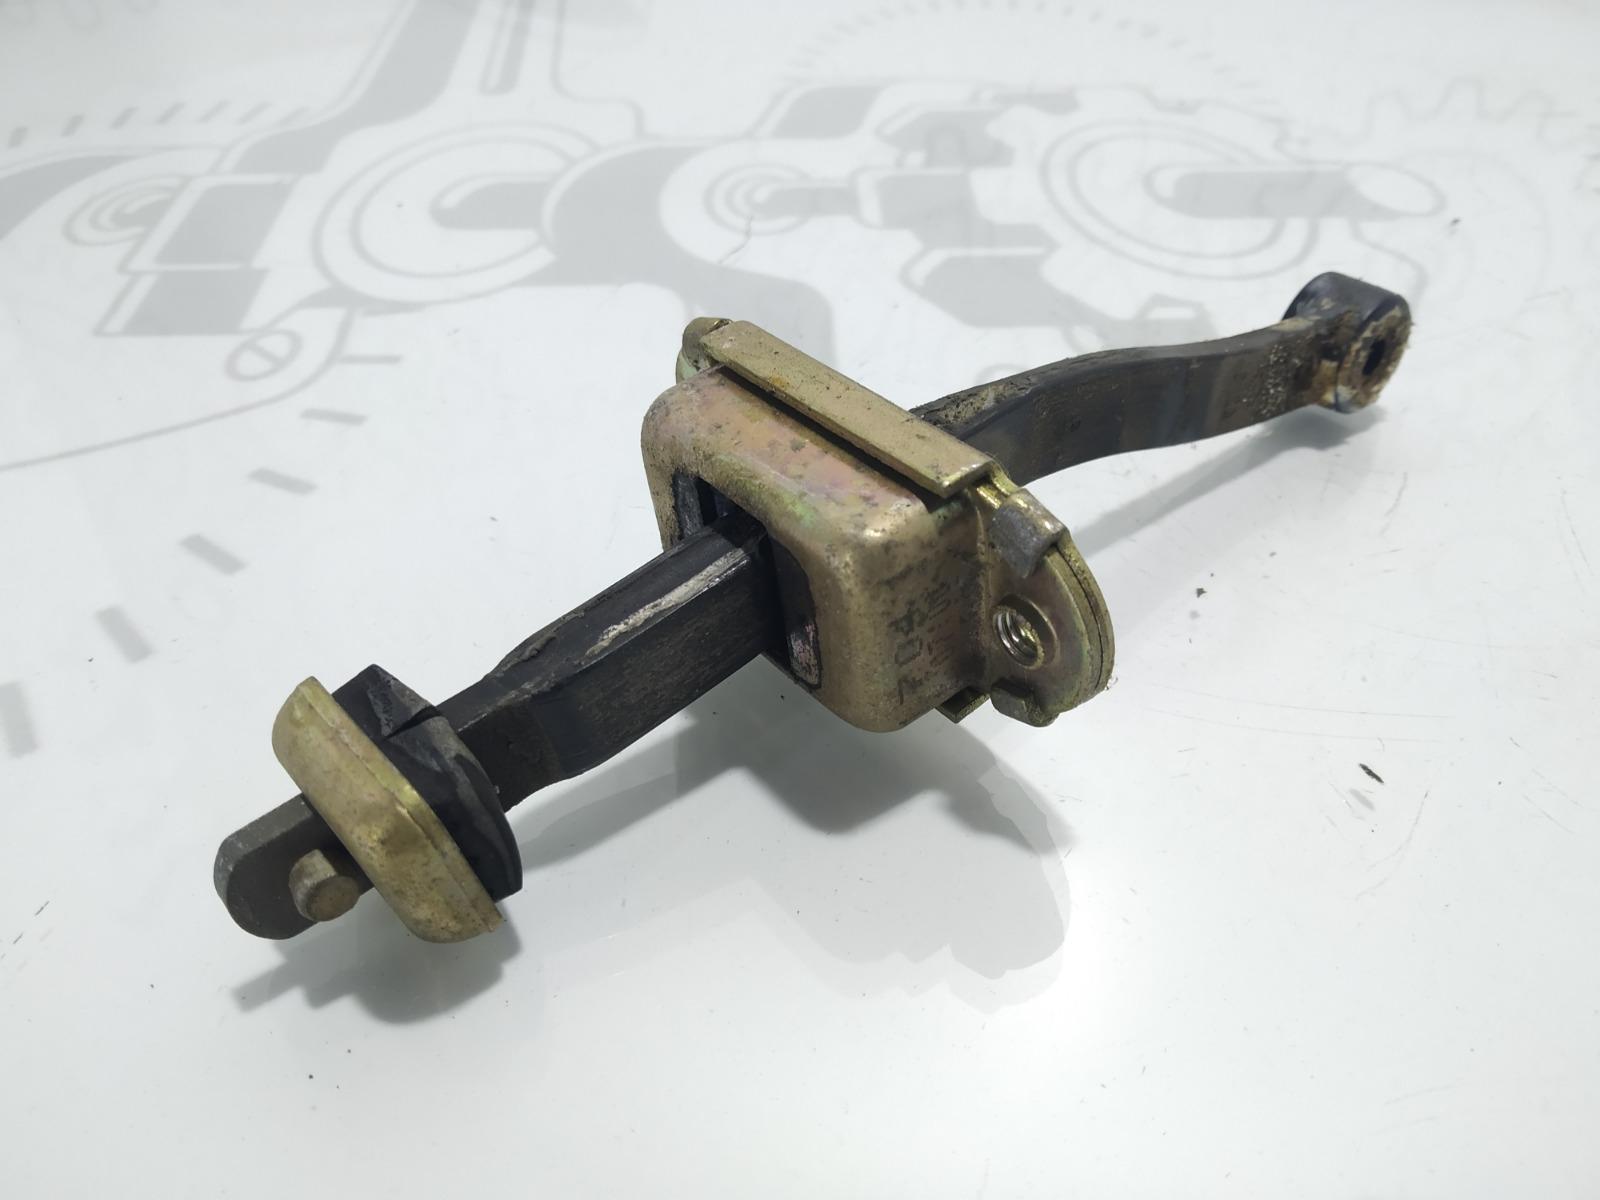 Ограничитель открывания двери Nissan Vanette C23 2.3 D 2001 (б/у)